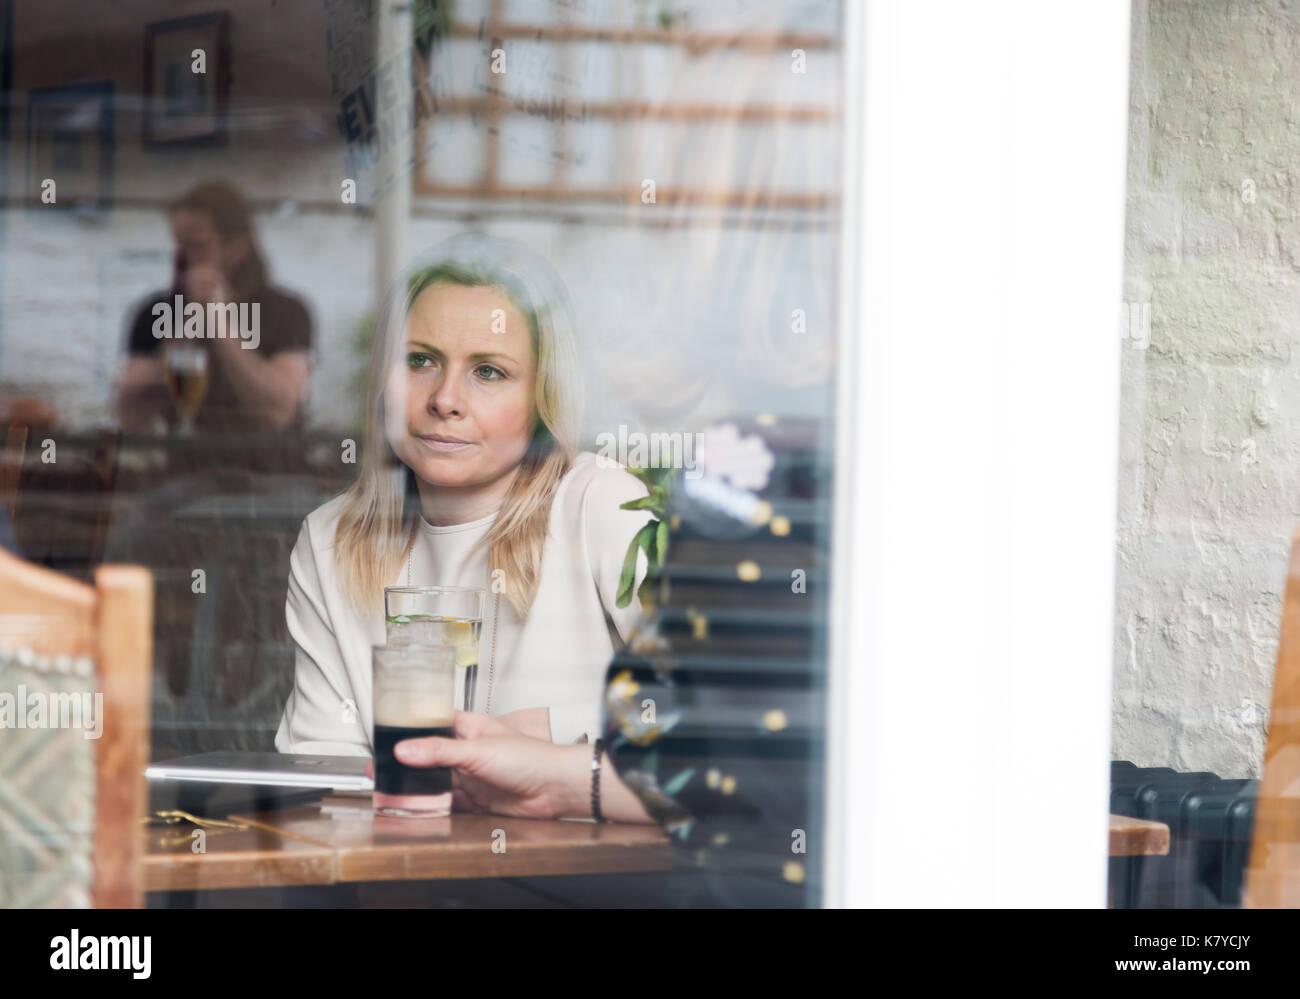 Malinconici bionda attraente giovane adulto unica donna nel pub. Shot attraverso la finestra con riflessioni su vetro Immagini Stock